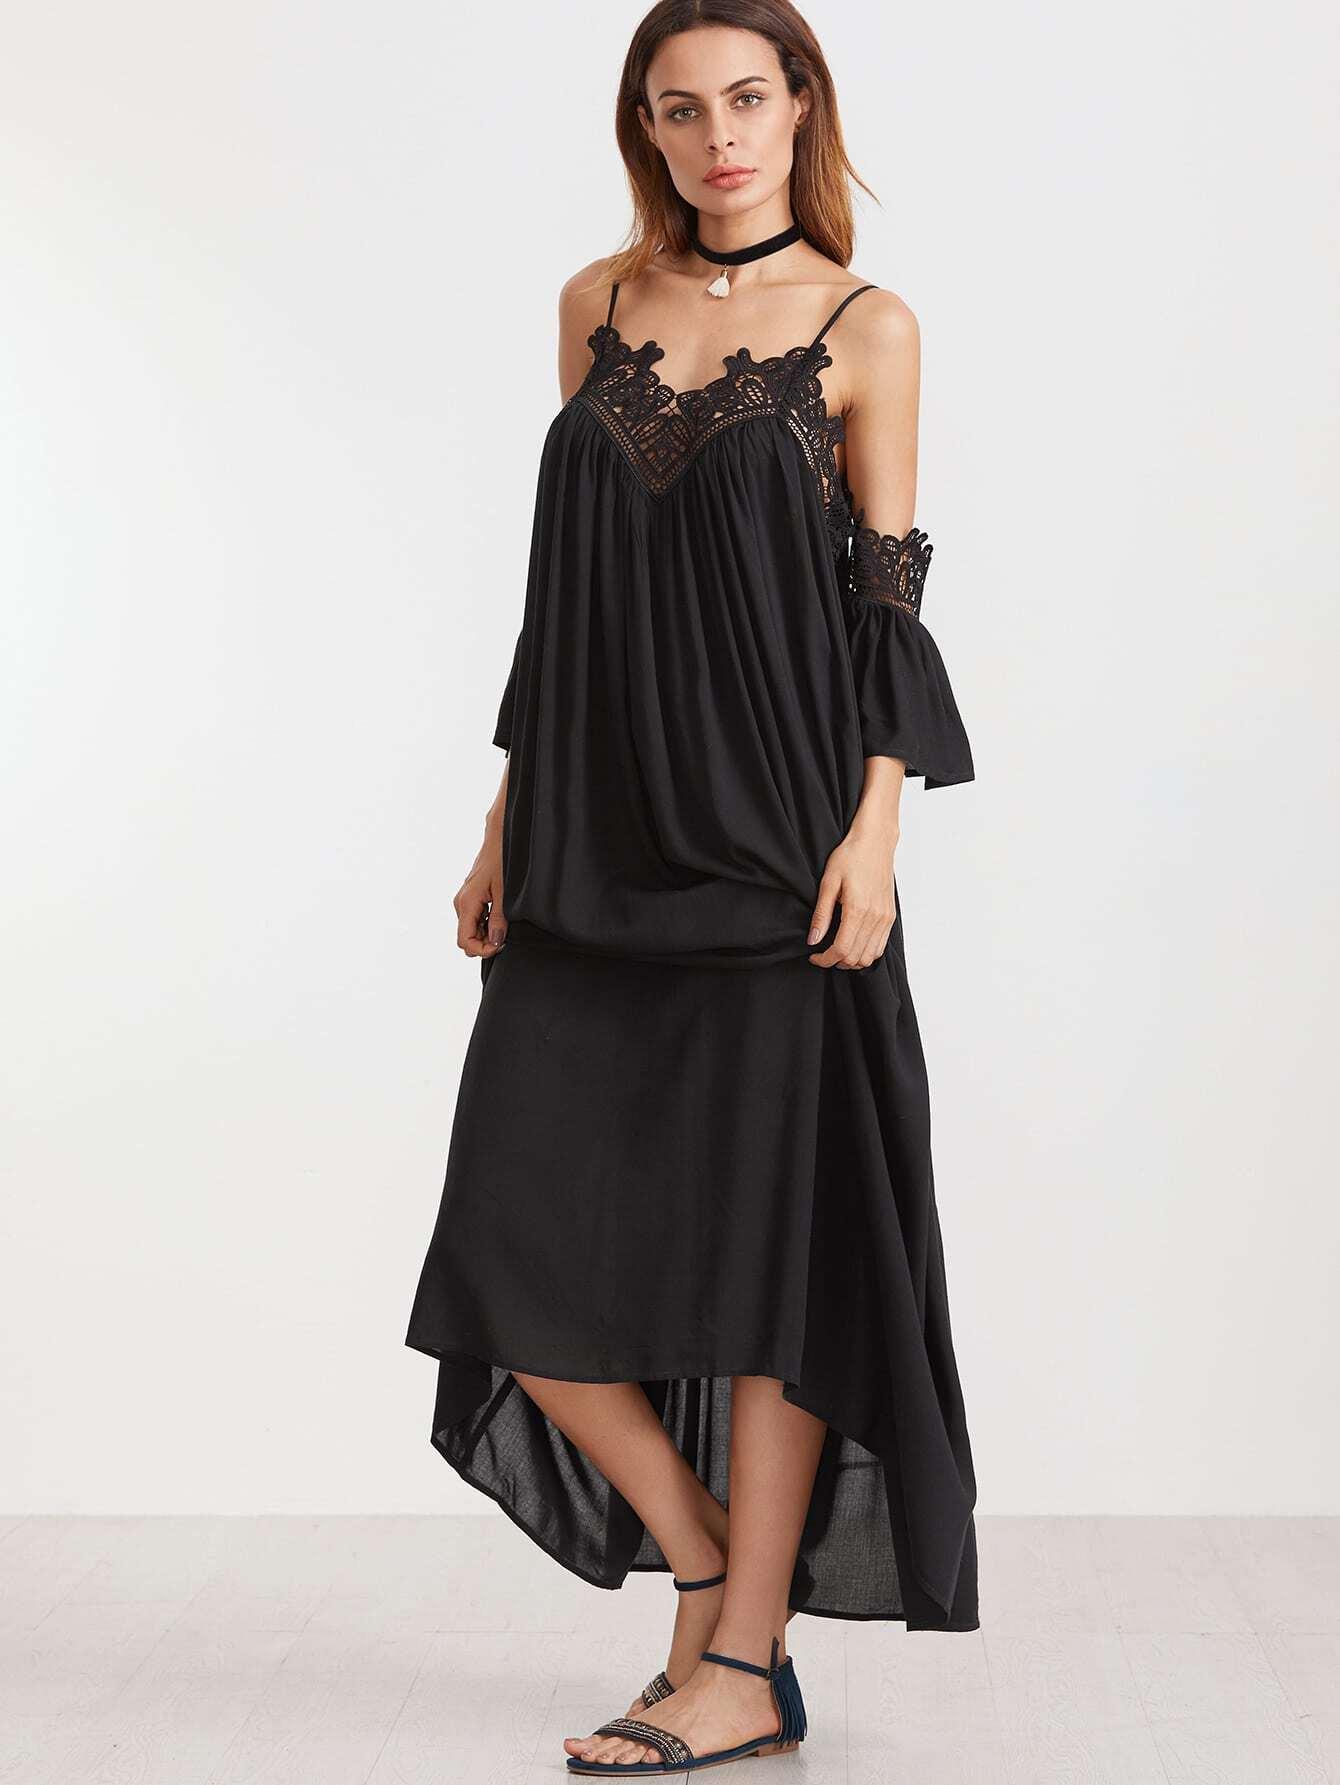 dress161215702_2